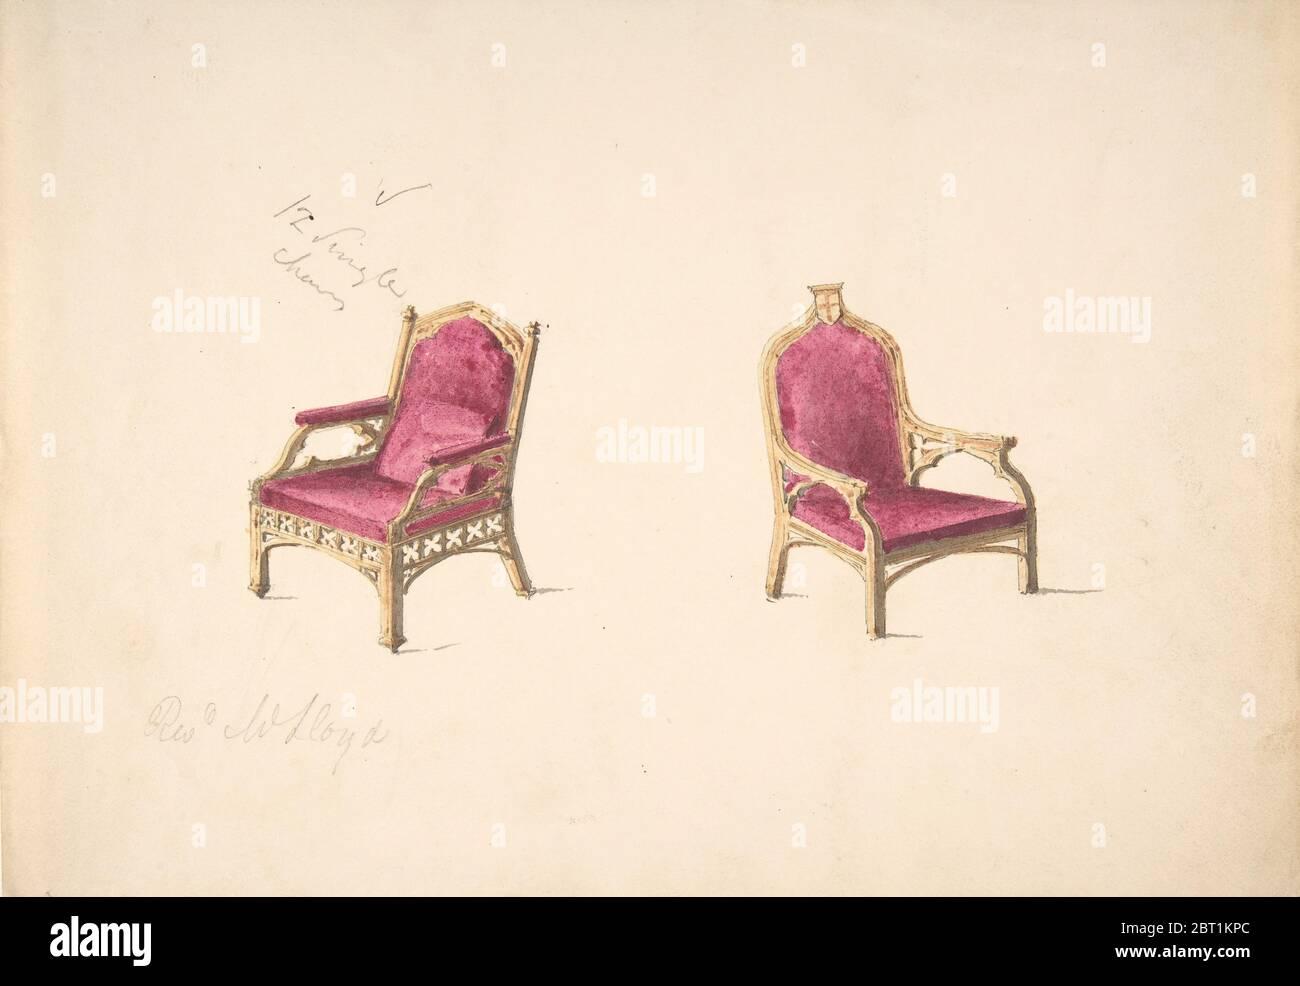 """Design pour deux fauteuils de style médiéval pour """"Rev W. Lloyd », début du XIXe siècle. Banque D'Images"""